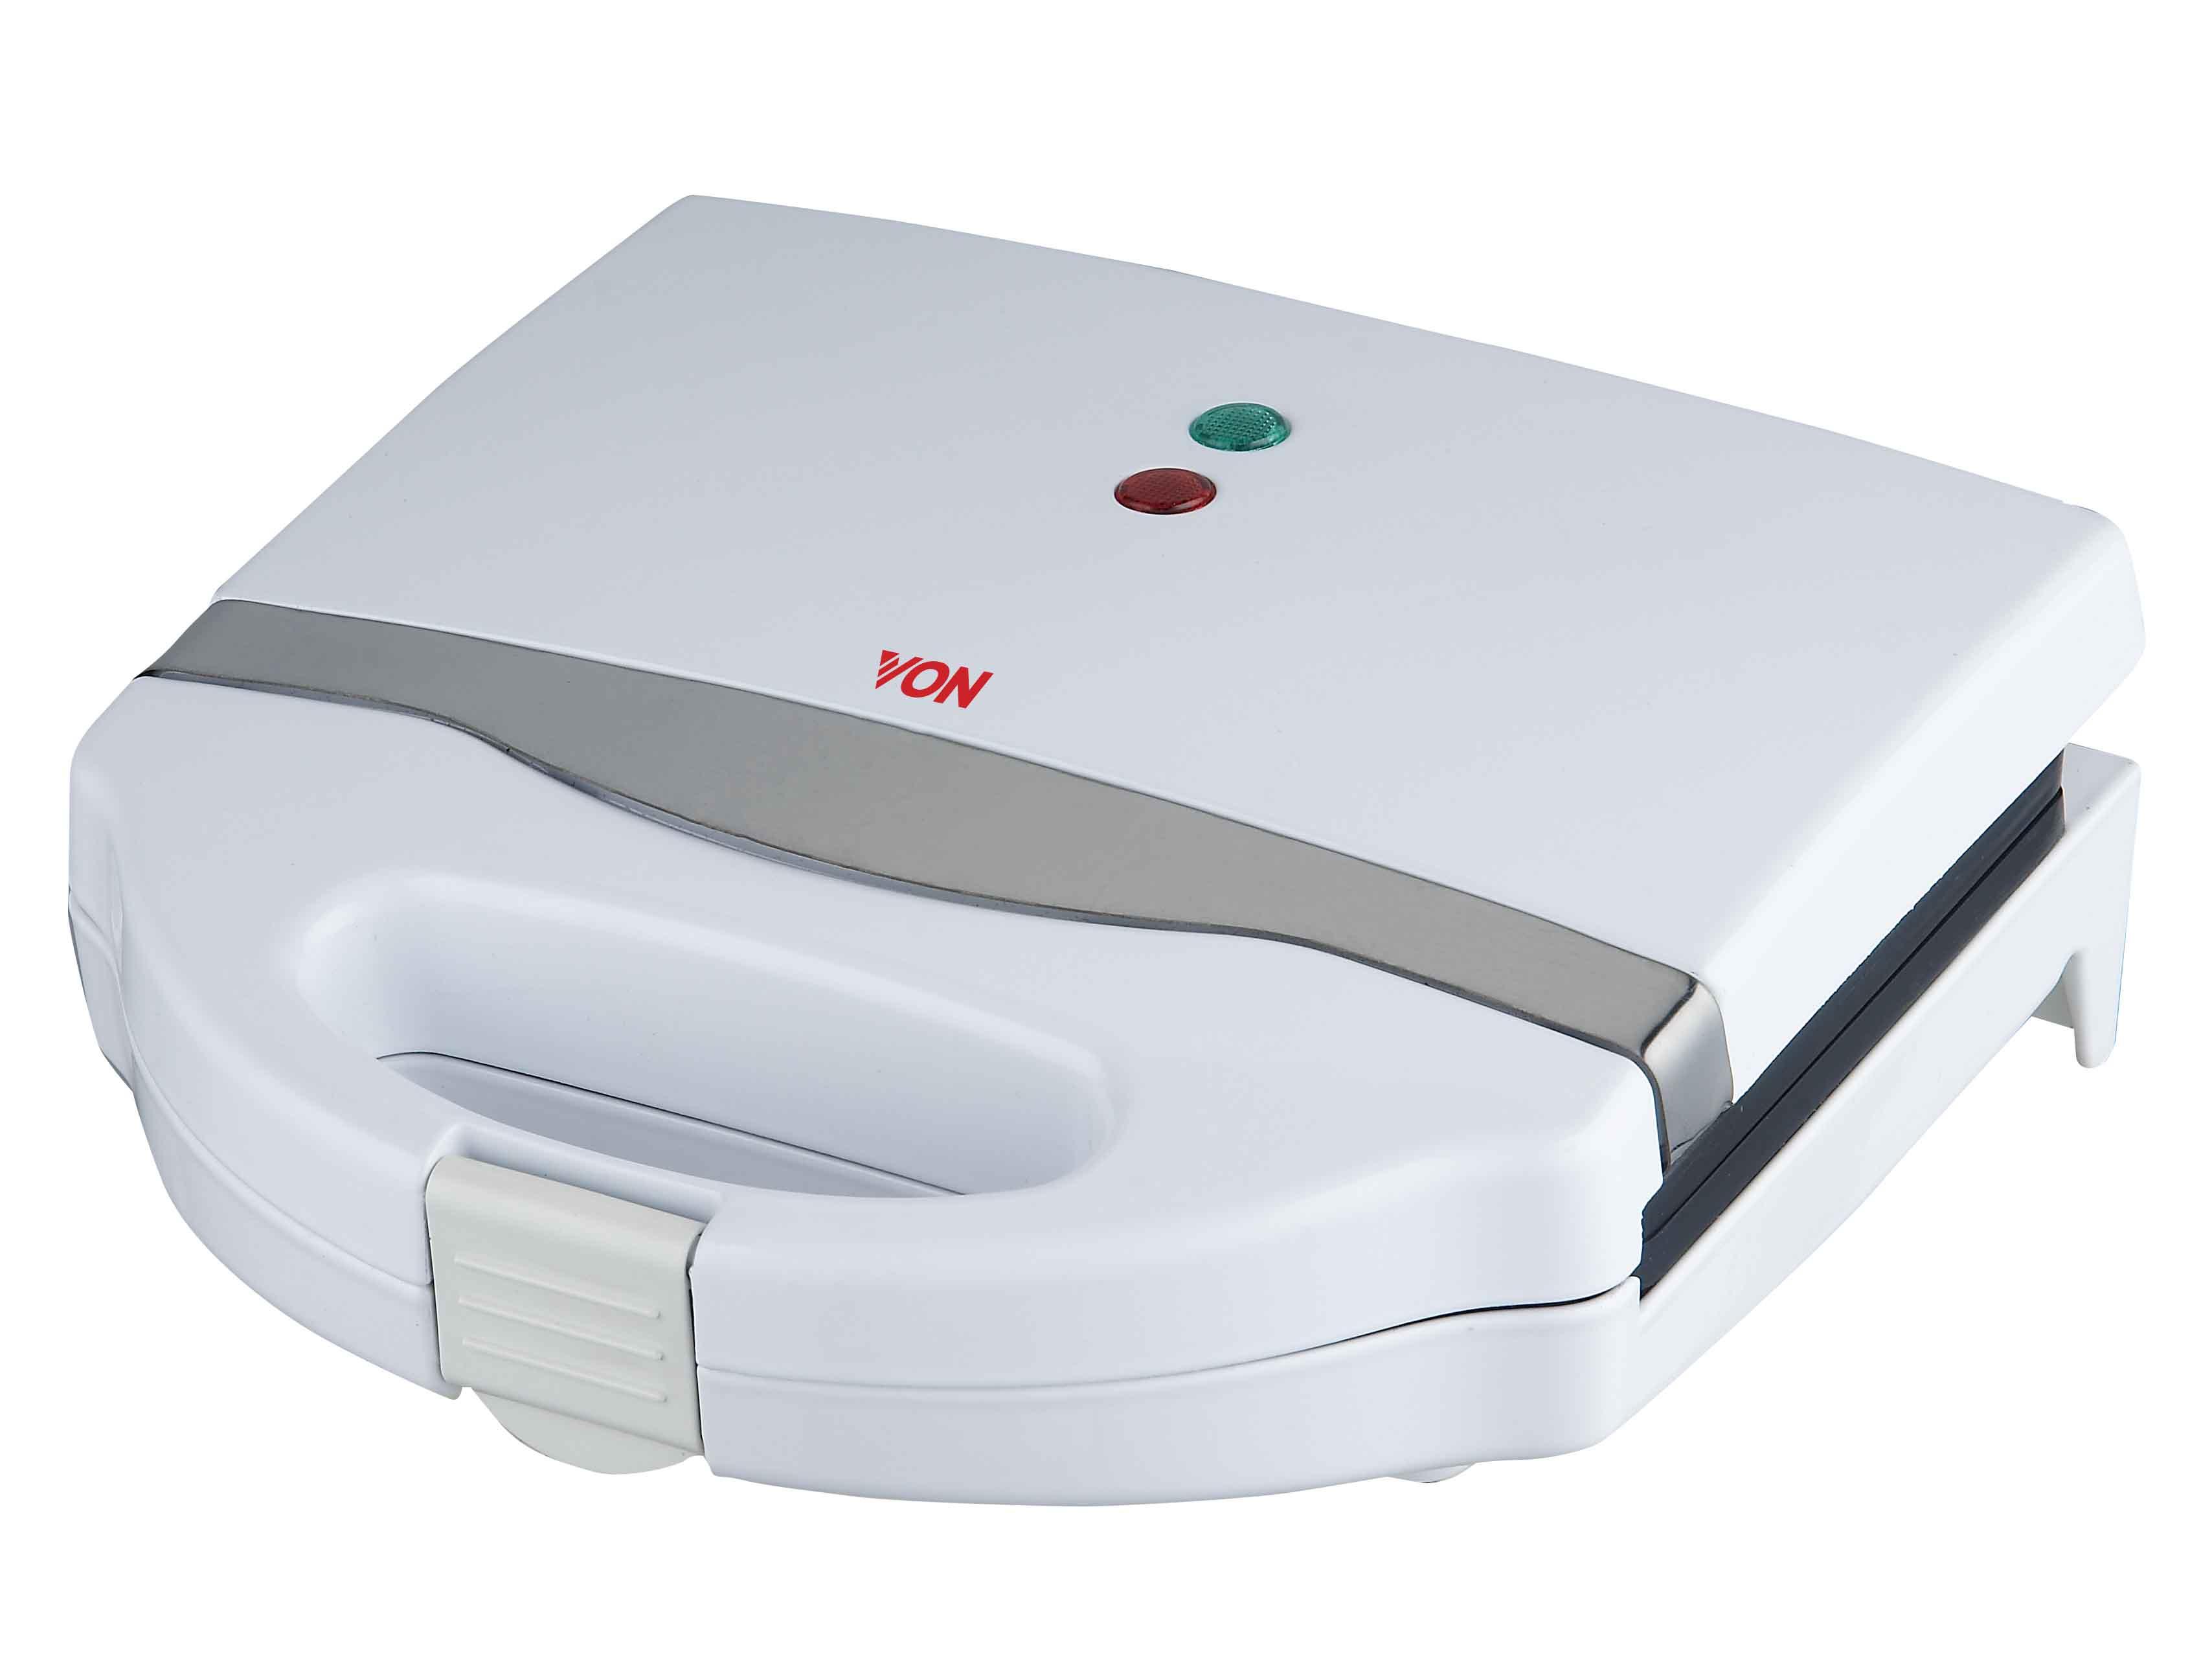 VON VSSP2YMCW, 2 Slice Sandwich Maker - White